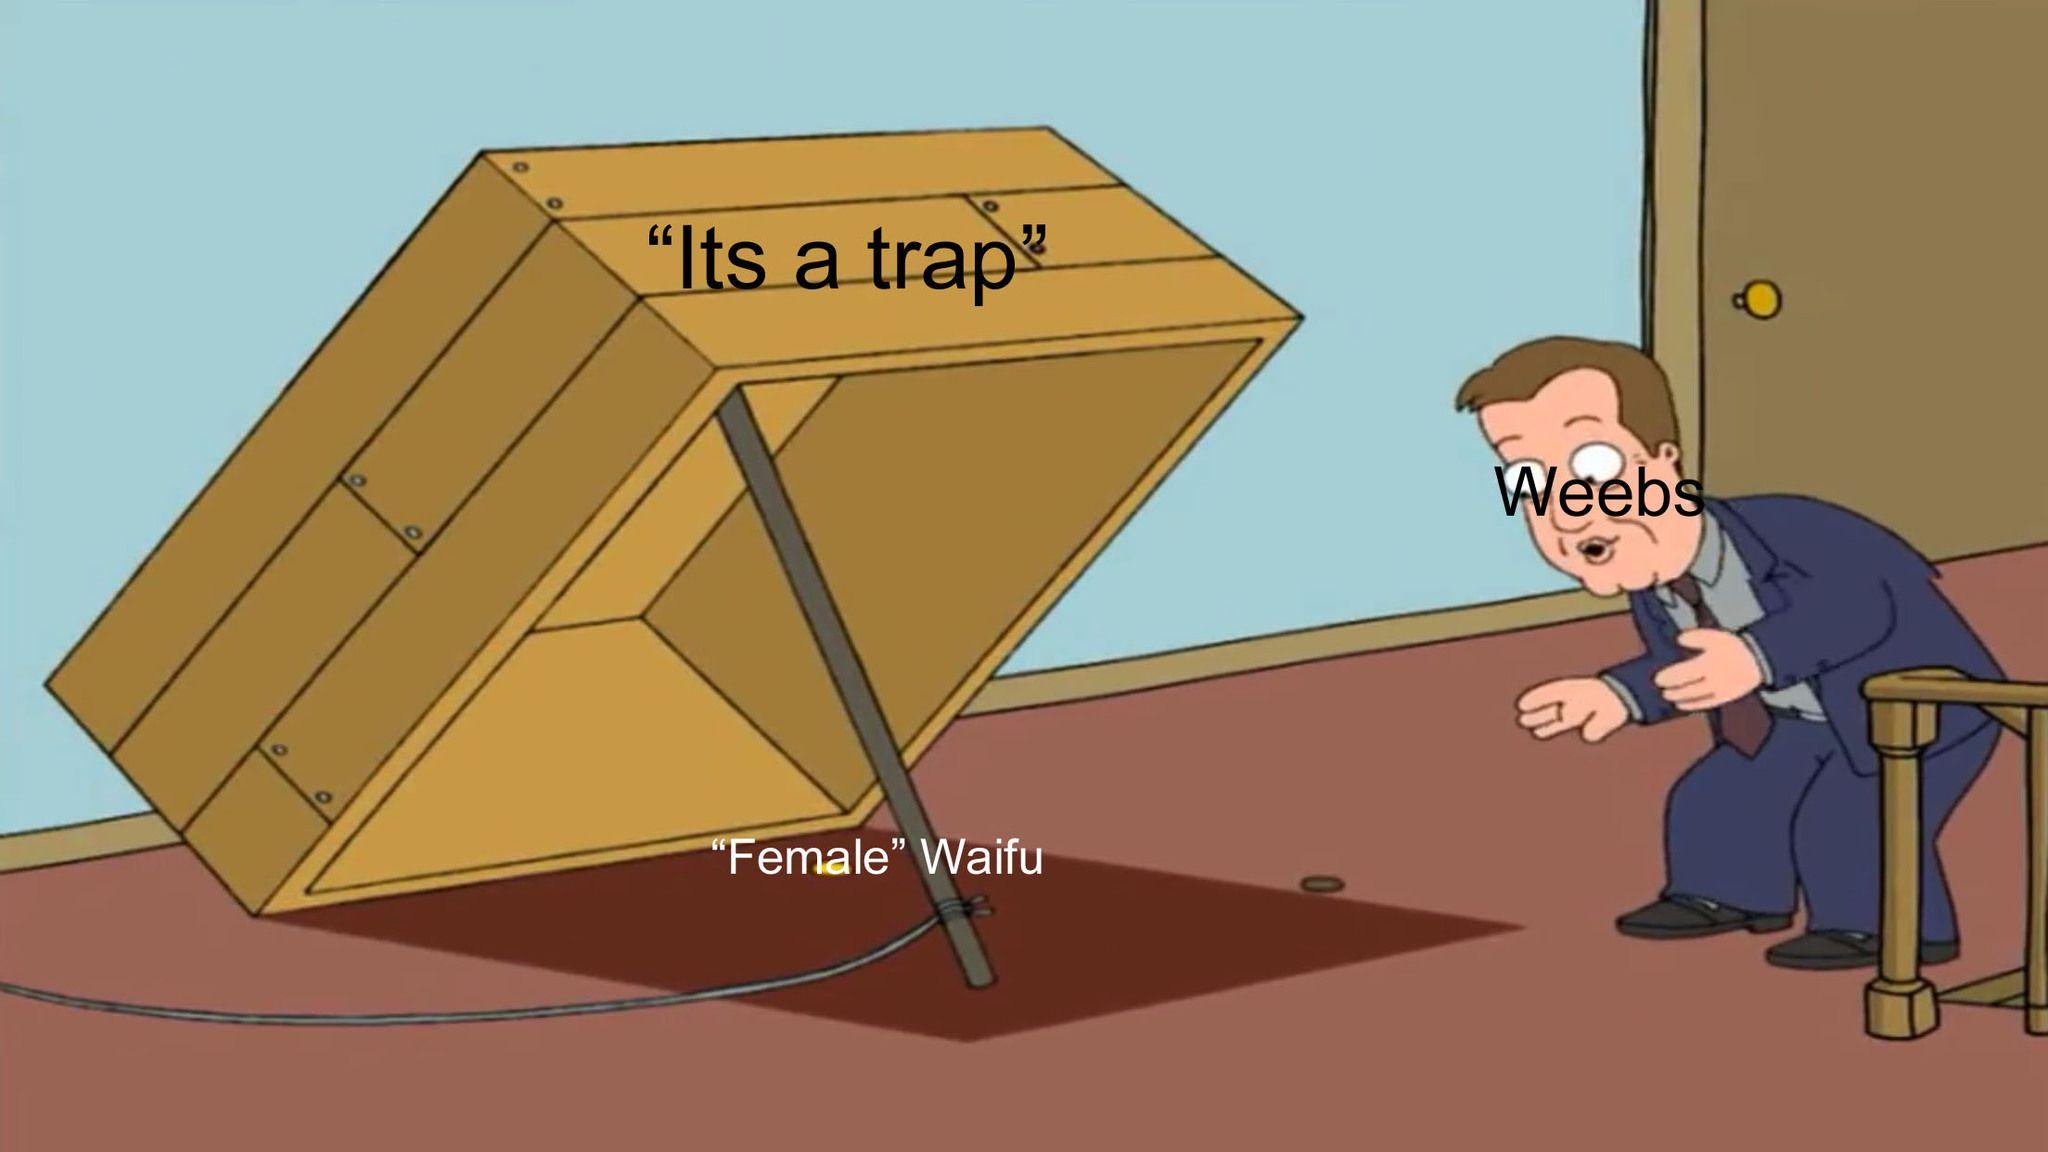 it's literaly a trap